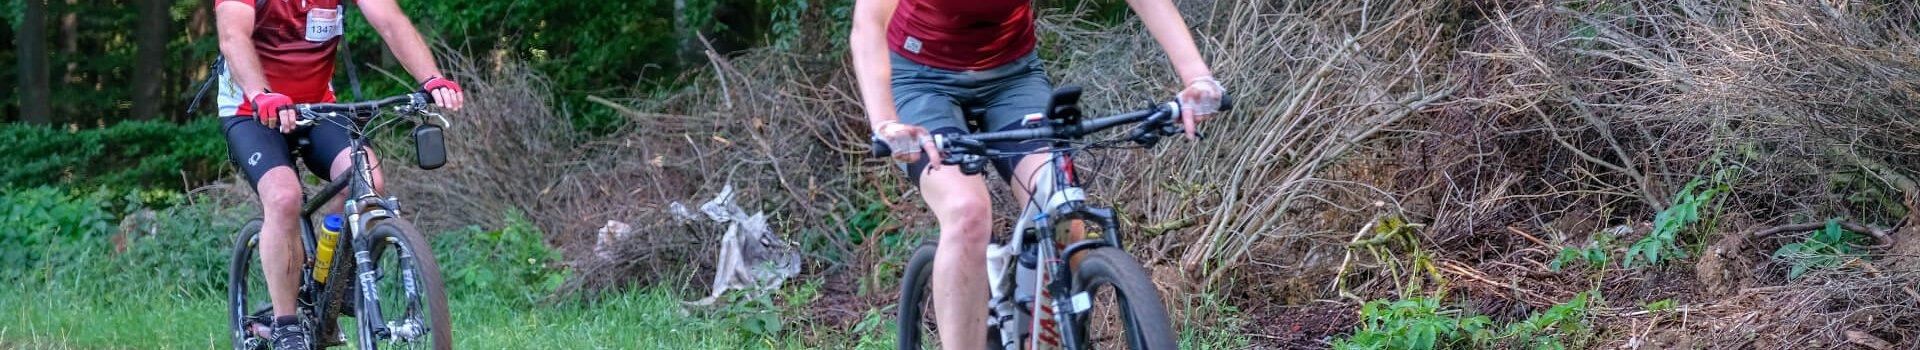 Ubiór rowerowy na każdą pogodę. Sprawdź trendy na wiosnę 2020